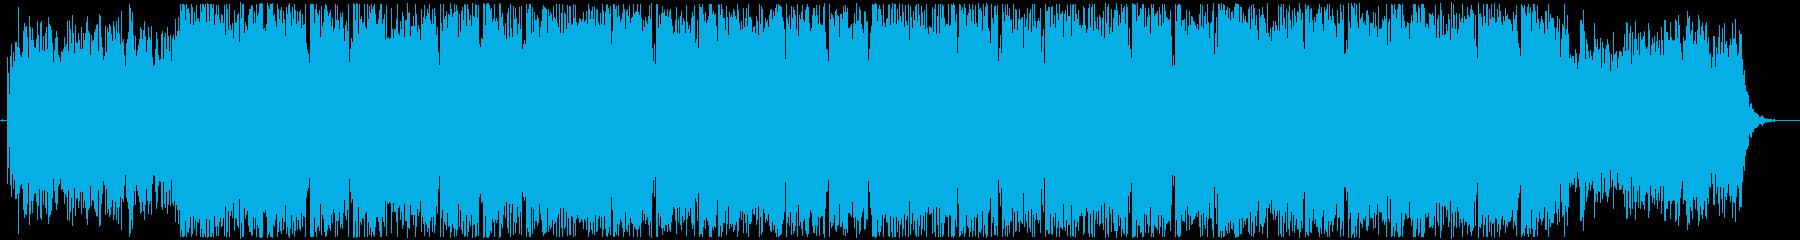 幻想的な世界観をイメージしたBGMの再生済みの波形